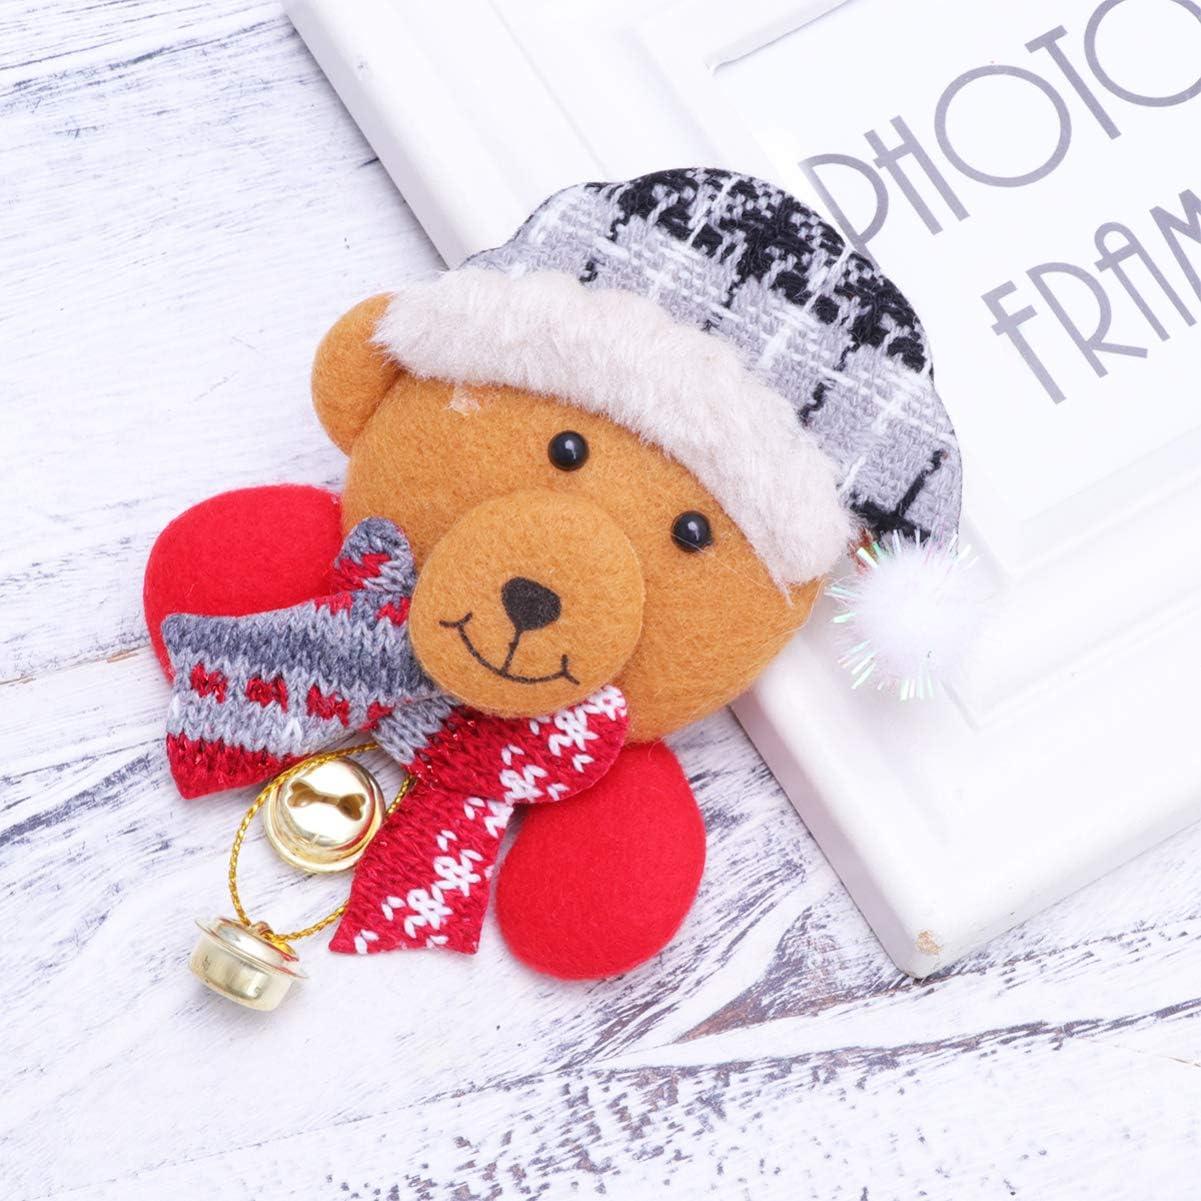 NUOBESTY Weihnachten B/är Brosche mit Glocken Anstecknadel Brosche Pins Weihnachtsschmuck Geschenk f/ür Kinder M/ädchen Frauen Kleidung